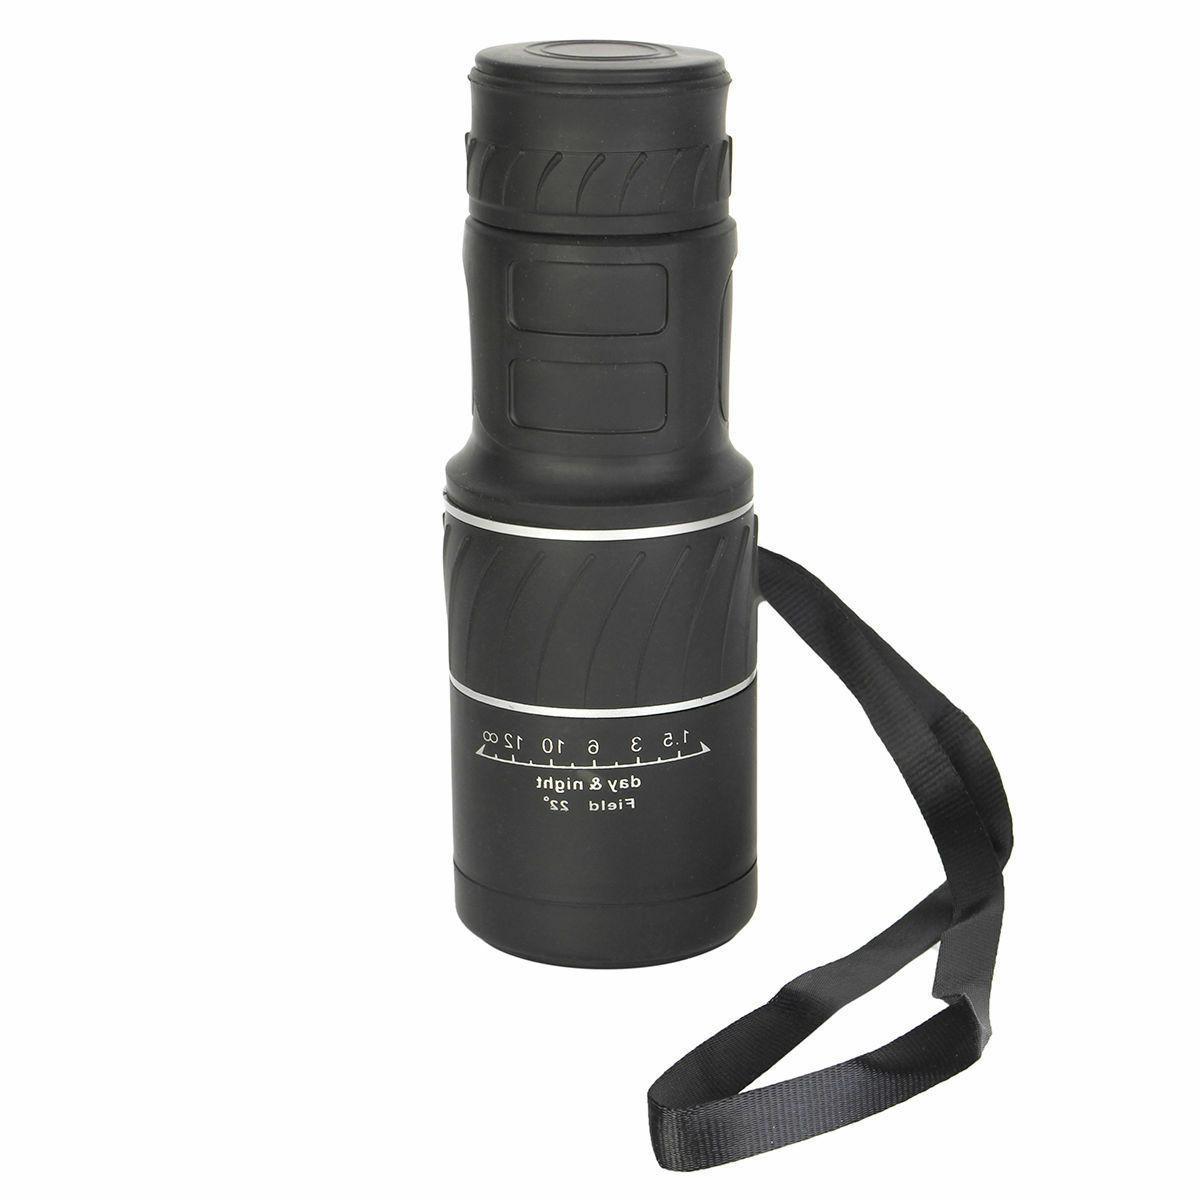 Telescope Light Vision